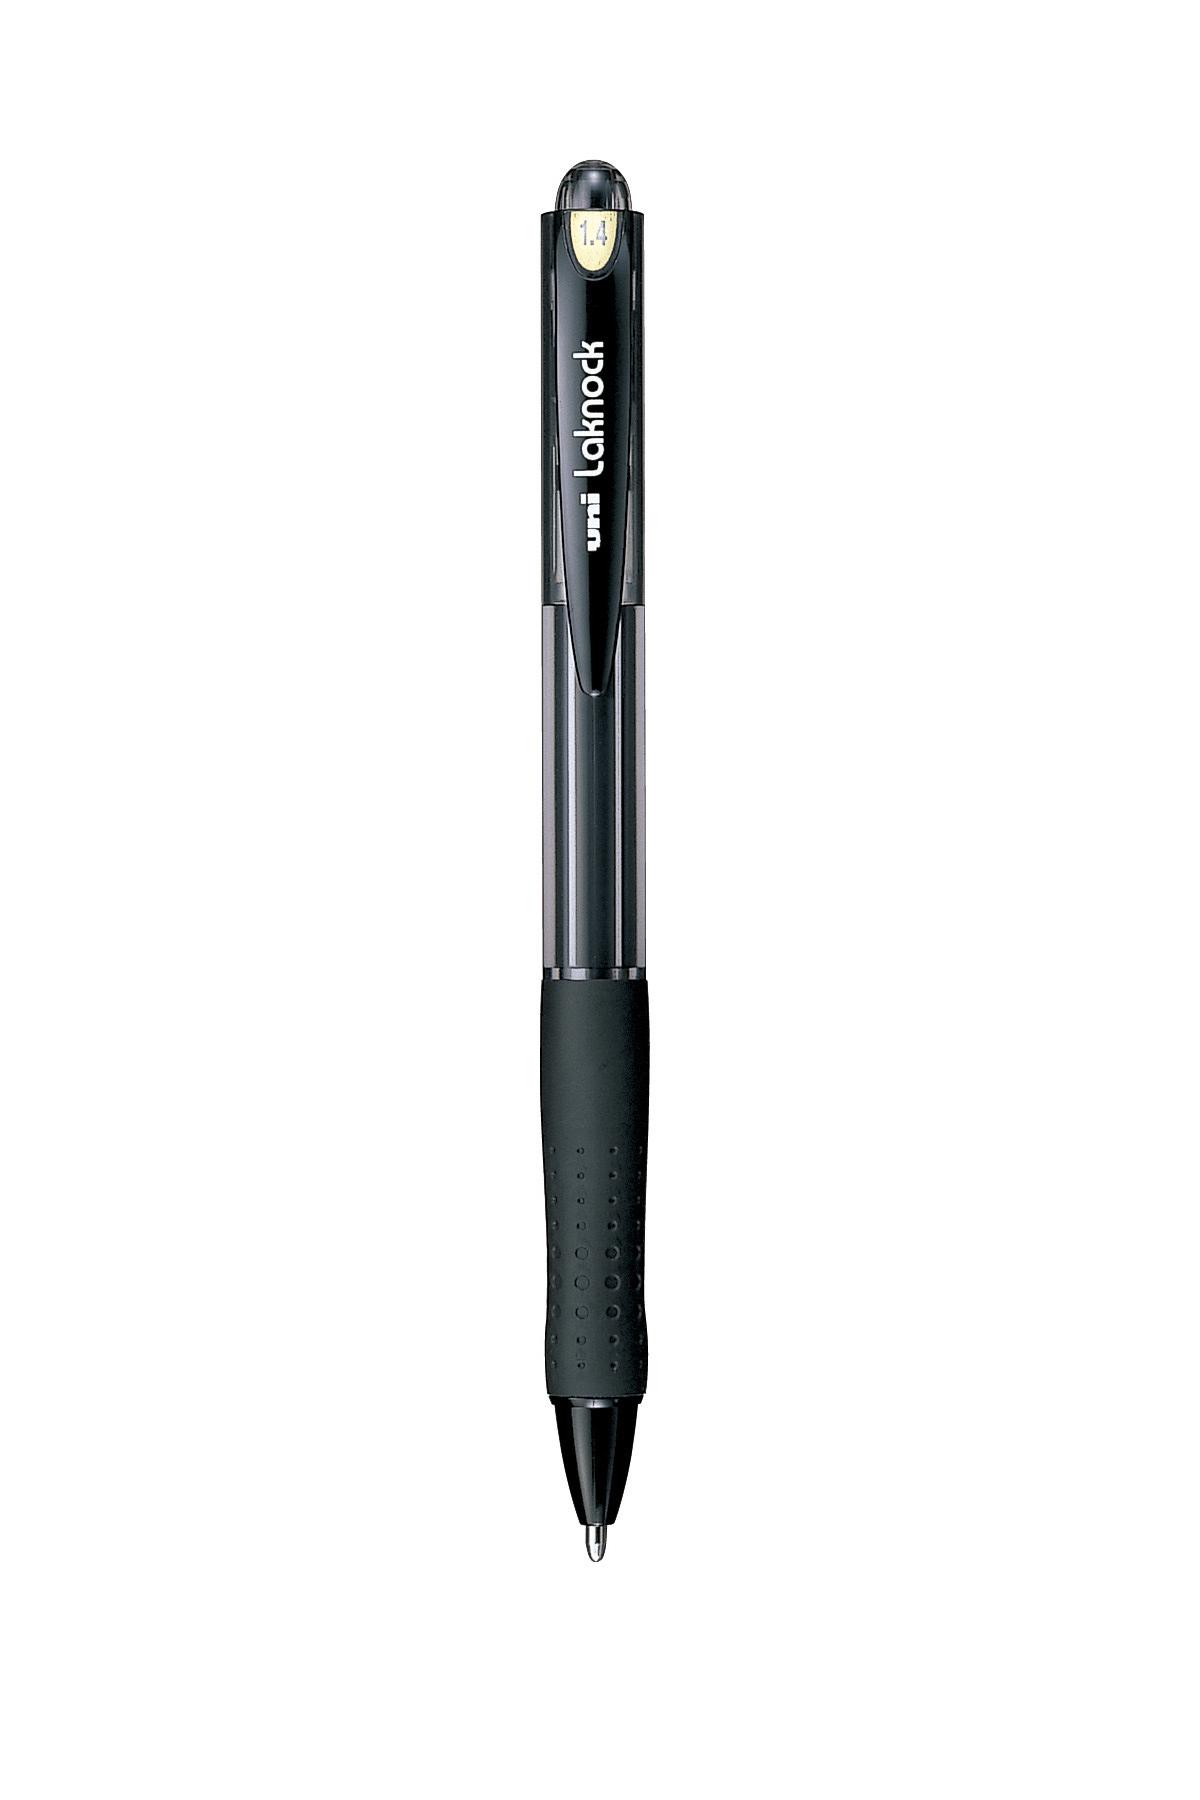 ปากกาลูกลื่นแบบกด uni Laknock SN-100 สีดำ 1.4 มม.